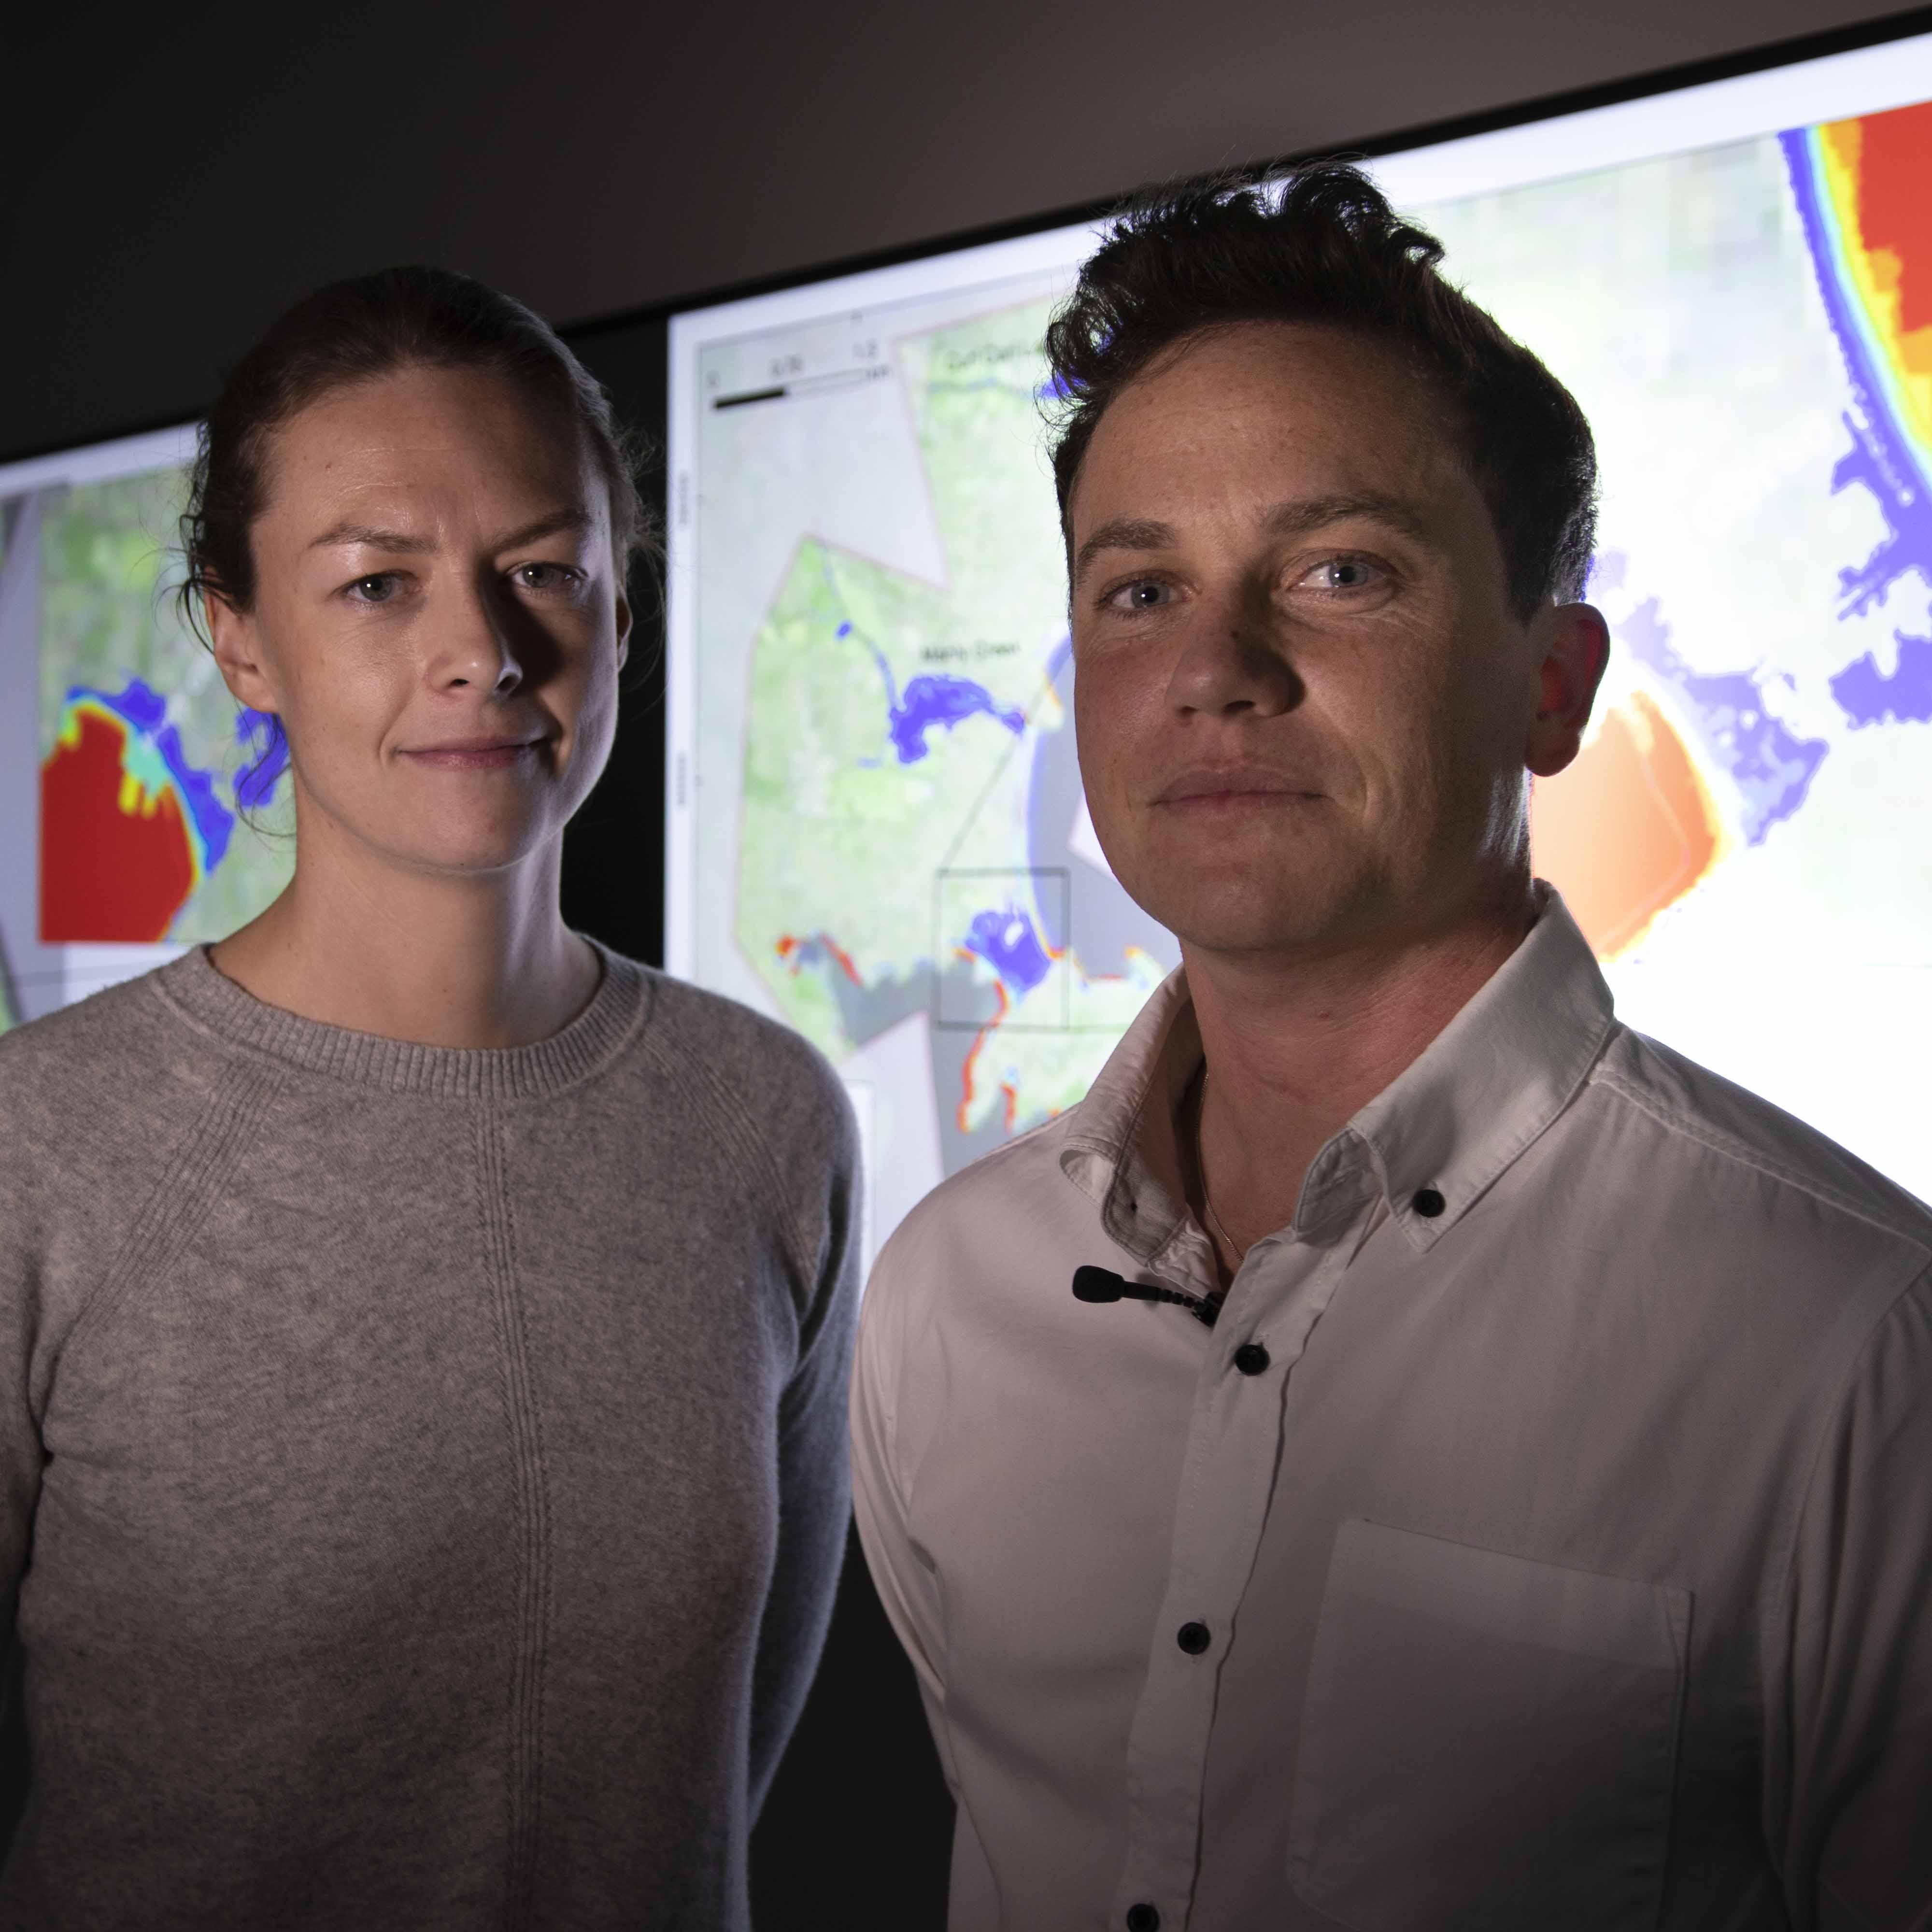 Aiken dating site video 2019 japanese tsunami